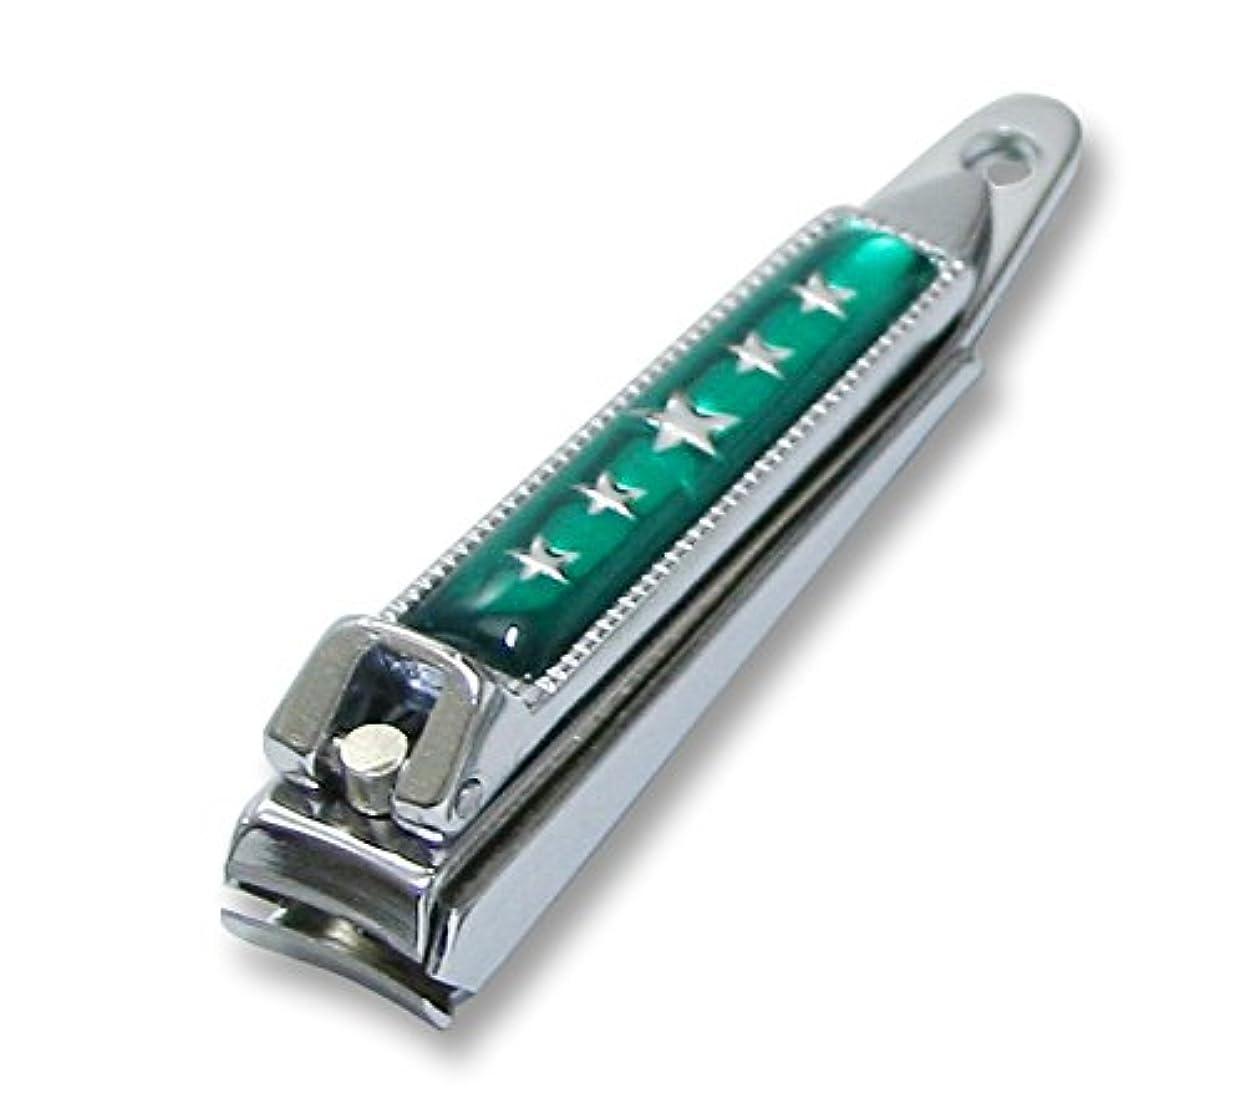 雄弁な征服アデレードKC-052GR 関の刃物 関兼常 チラーヌ爪切 小 緑